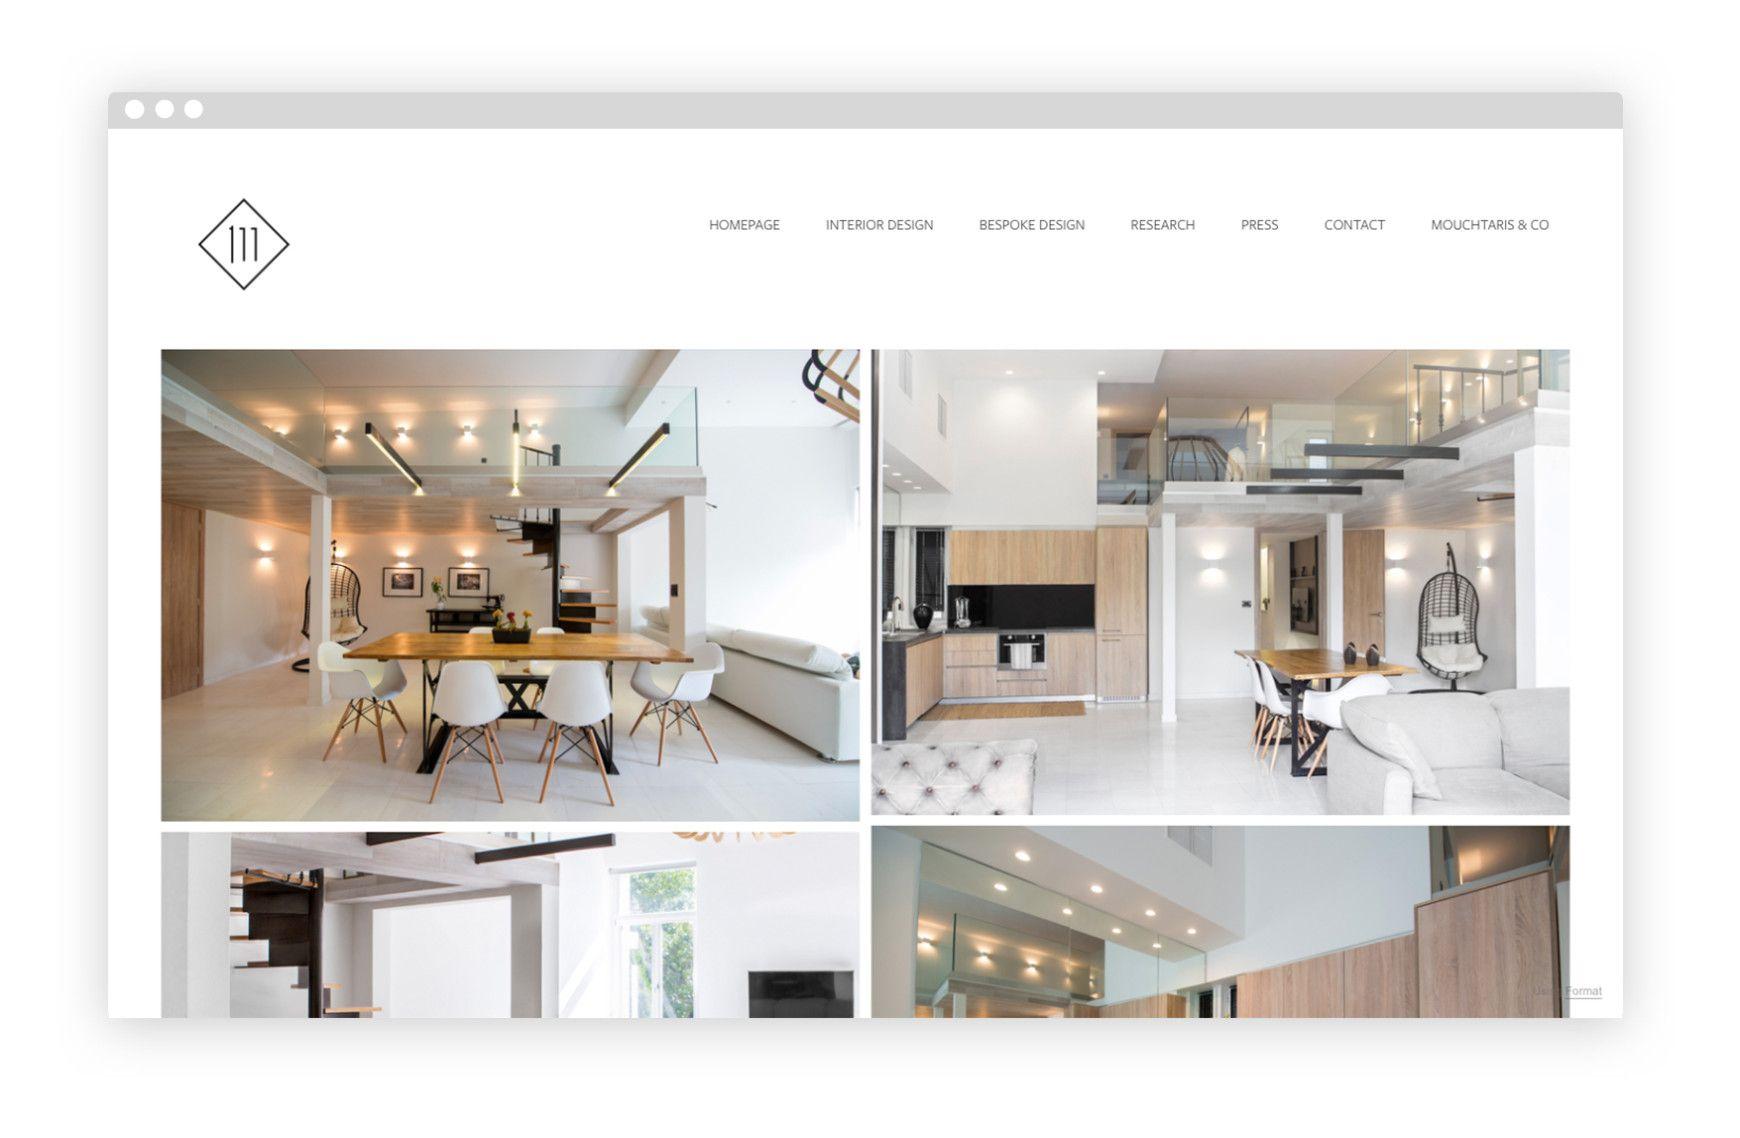 10 Carefully Curated Interior Design Portfolios Examples Interior Design Student Interior Design Website Interior Design Portfolio Examples